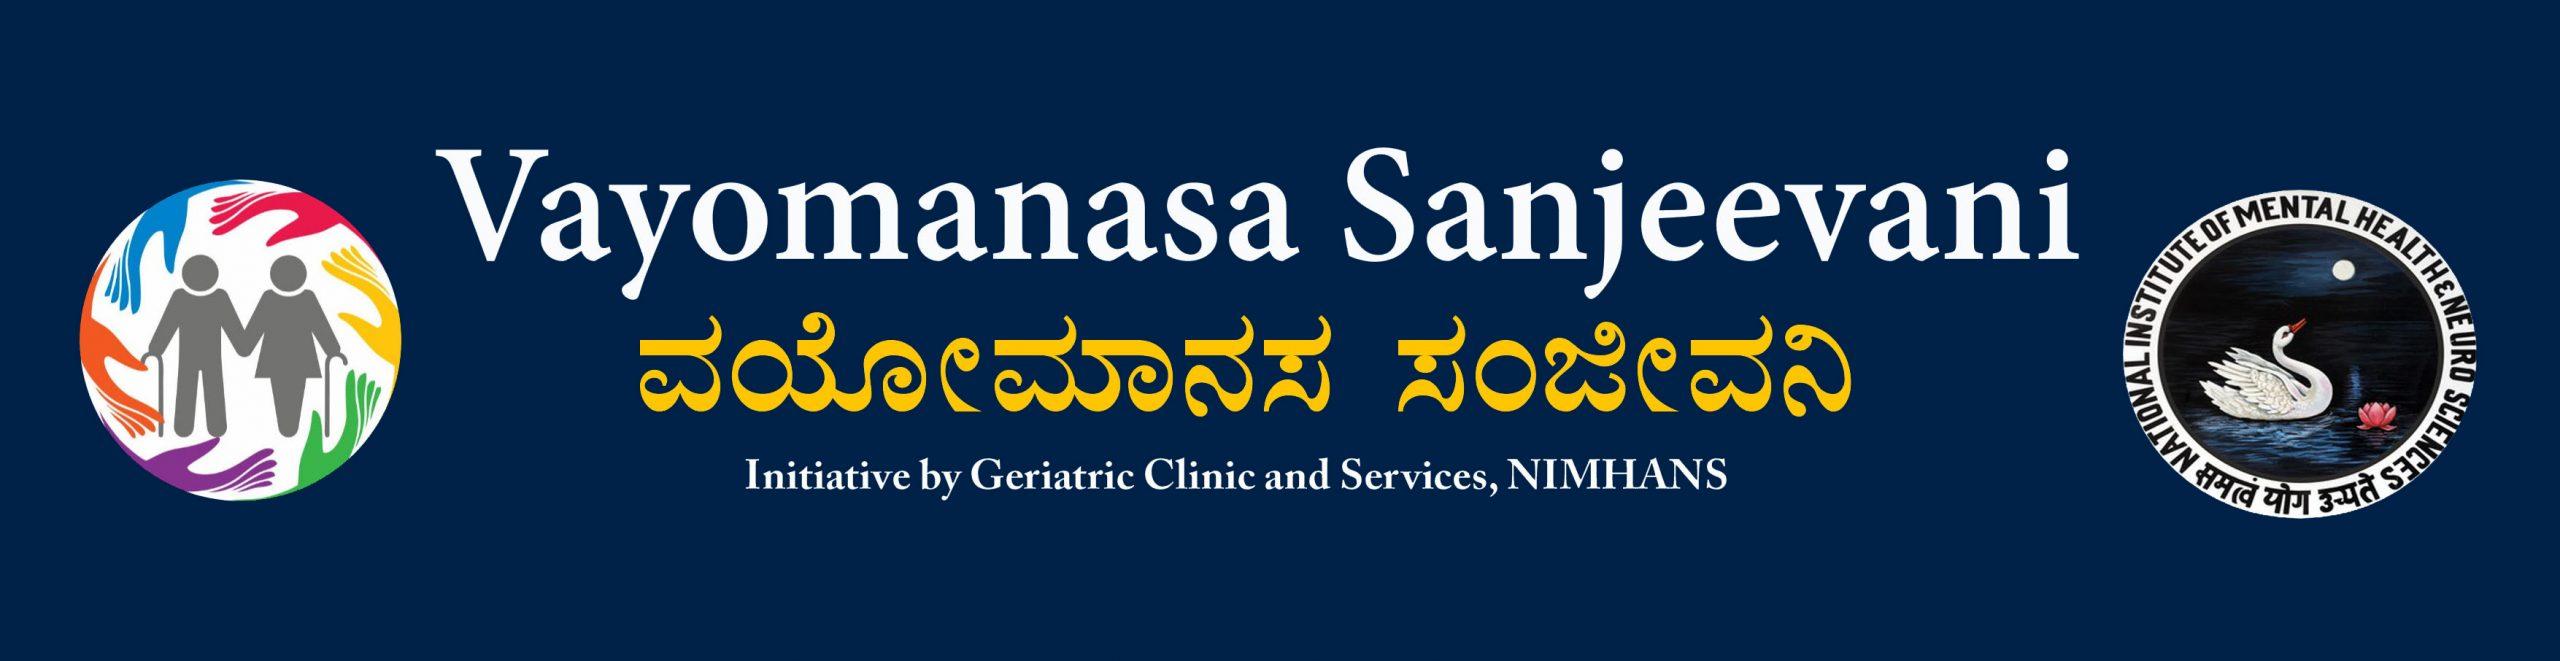 Vayomanasa Sanjeevani